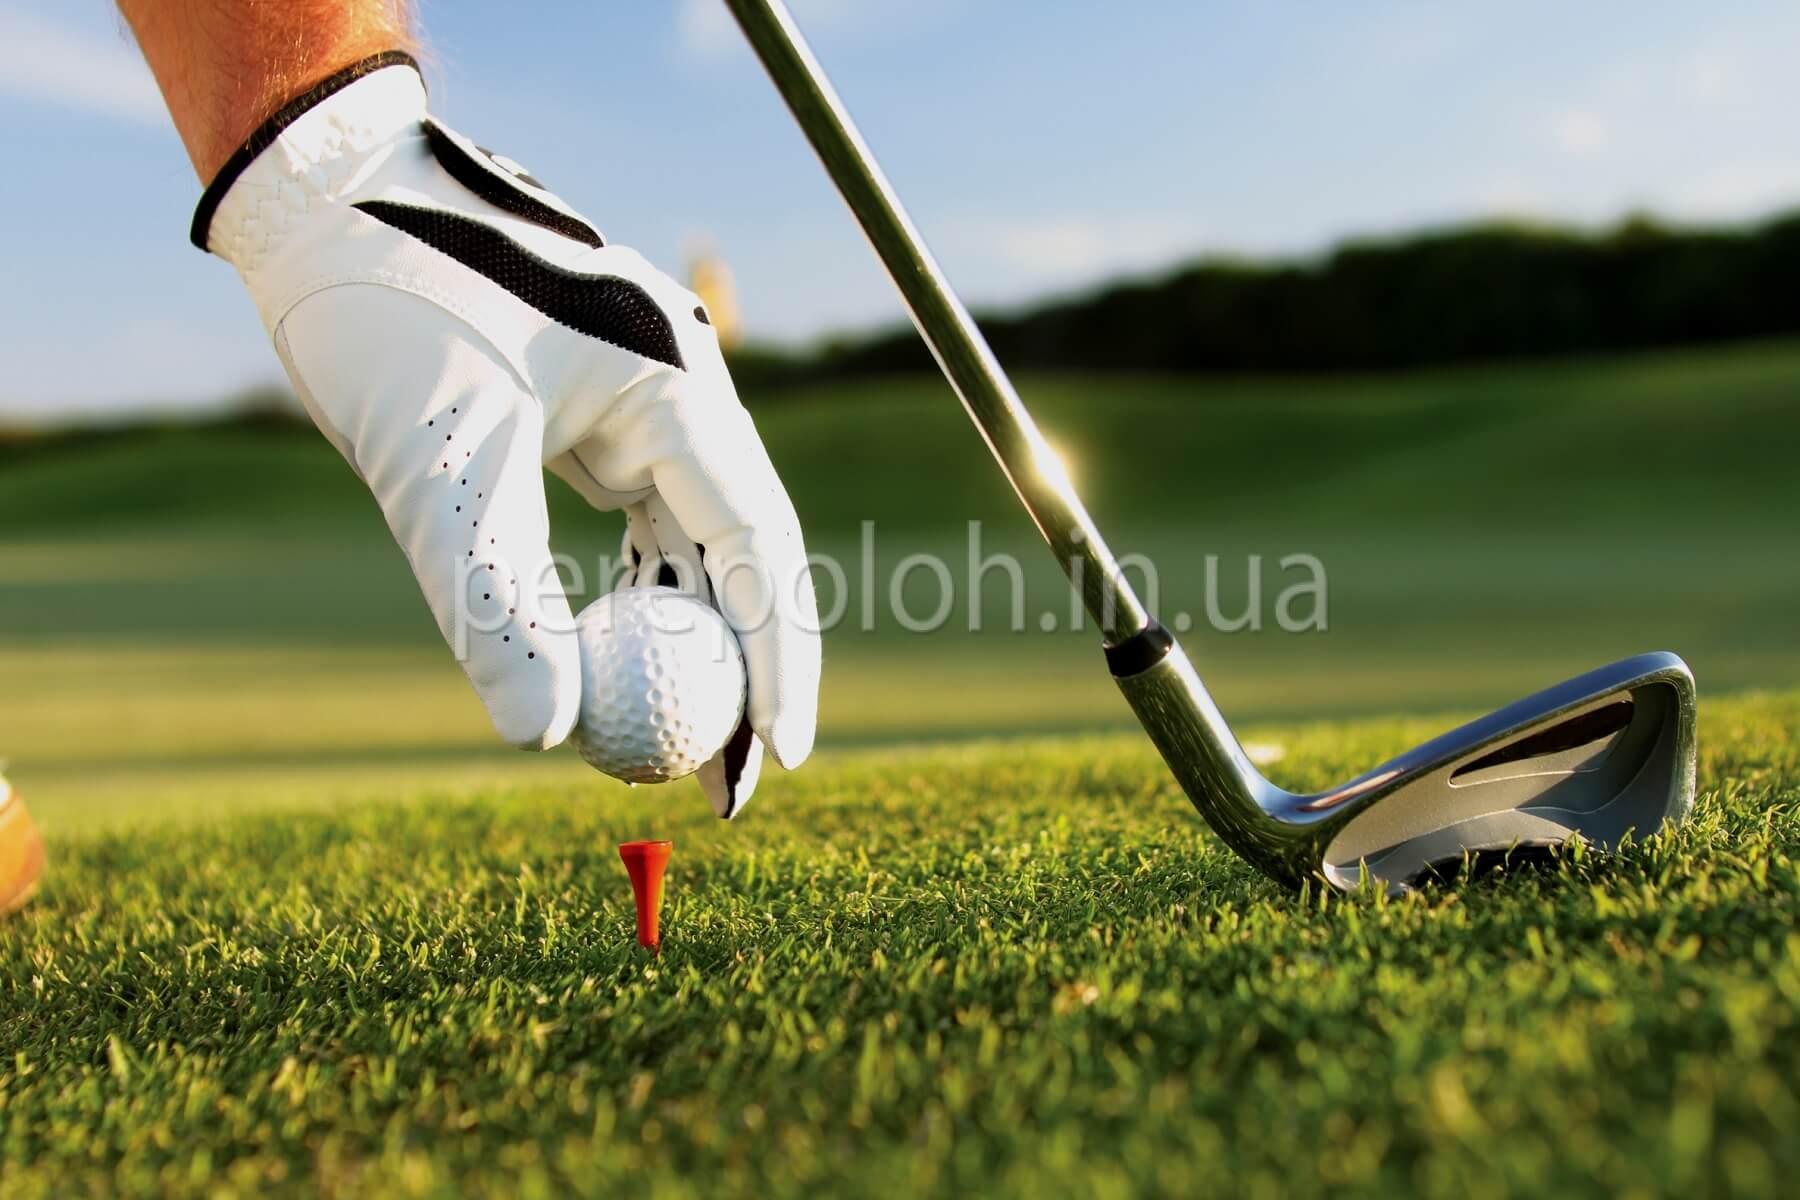 Мастер-класс по гольфу в Одессе